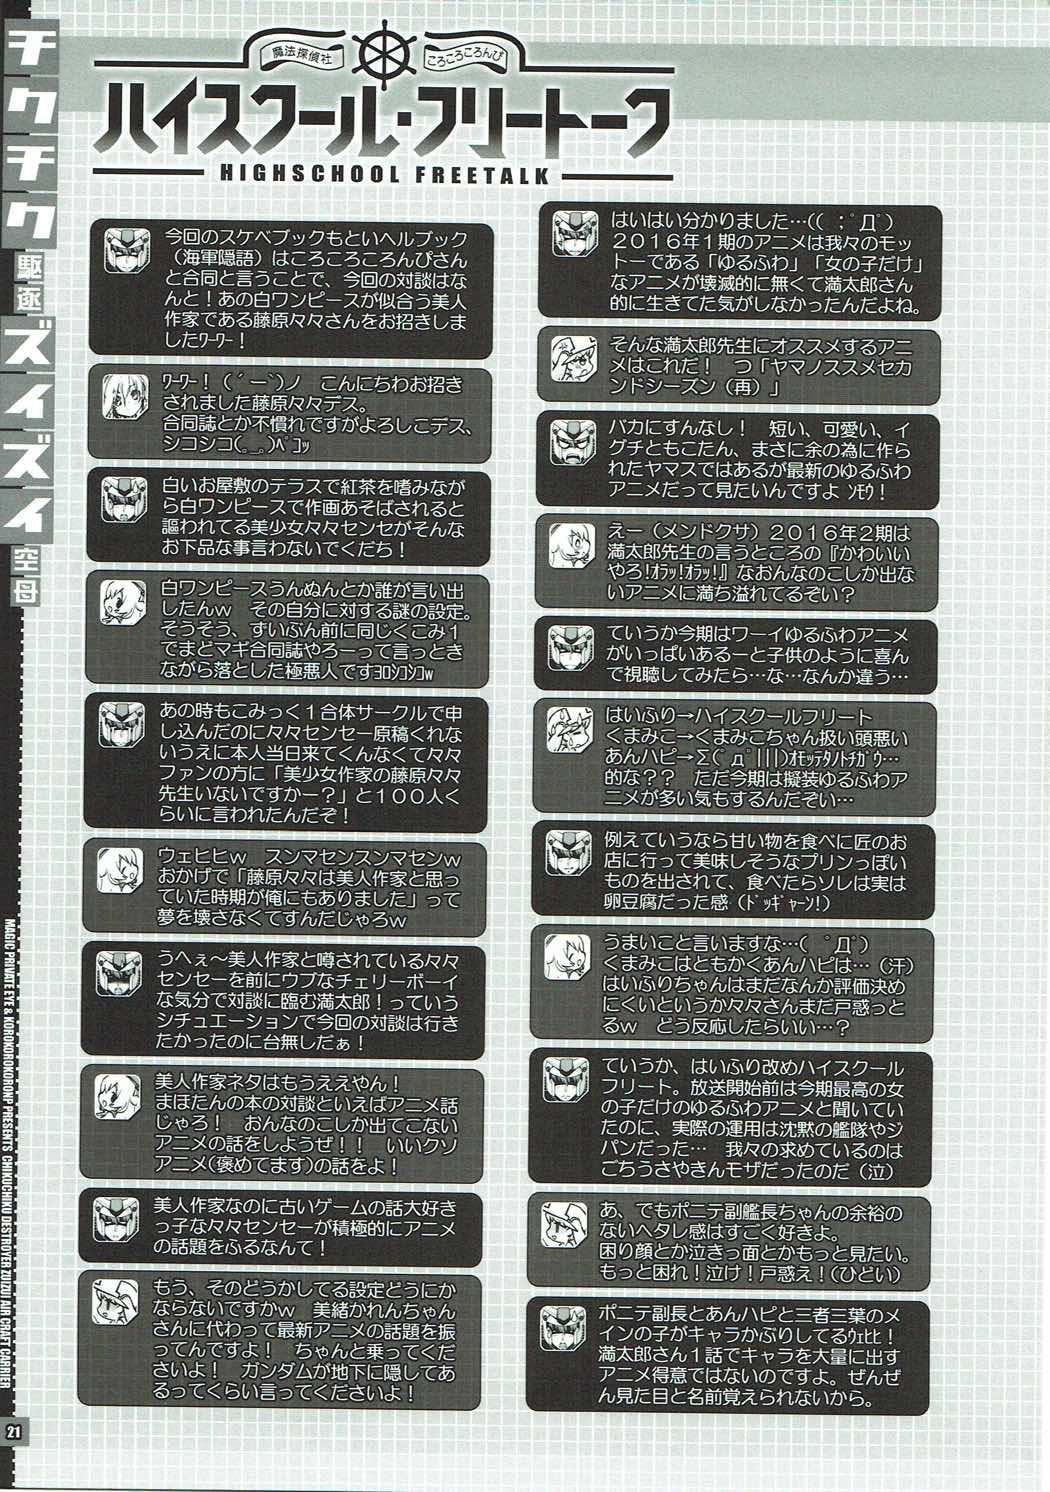 Chikuchiku Kuchiku Zuizui Kuubo 19